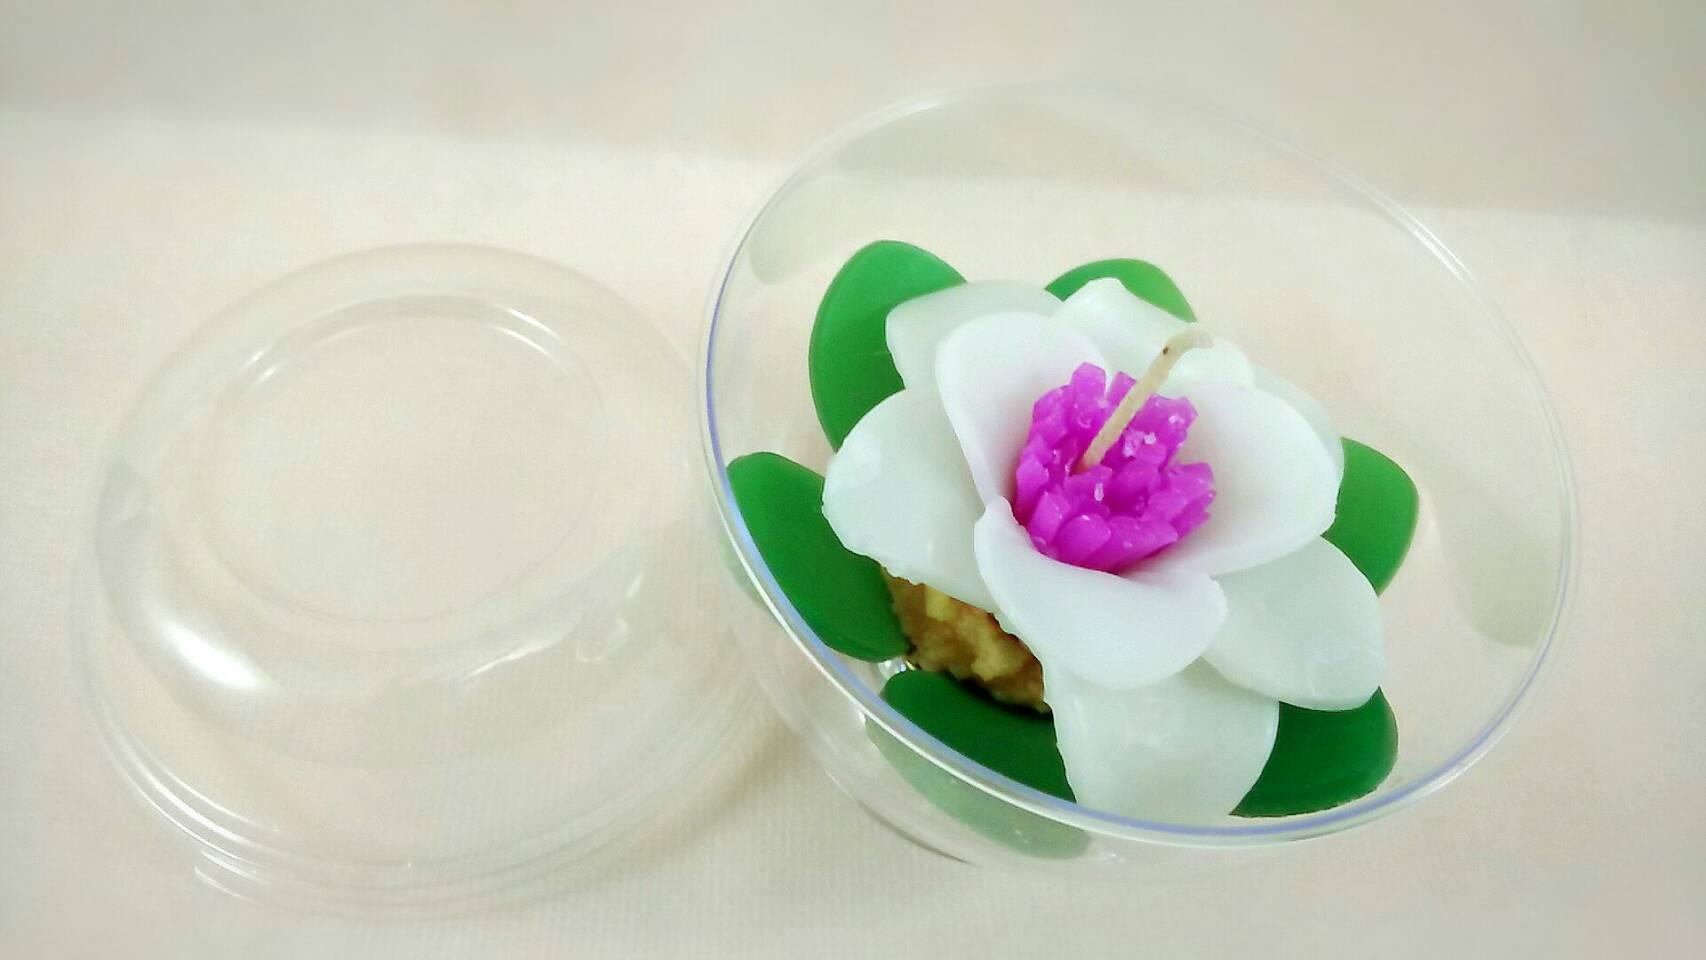 ชุดดอกบัวเล็กสีขาววางบนถ้วยทีไลท์ใส่ถ้วยพลาสติกโดม ขนาด 9x9x8 cm.